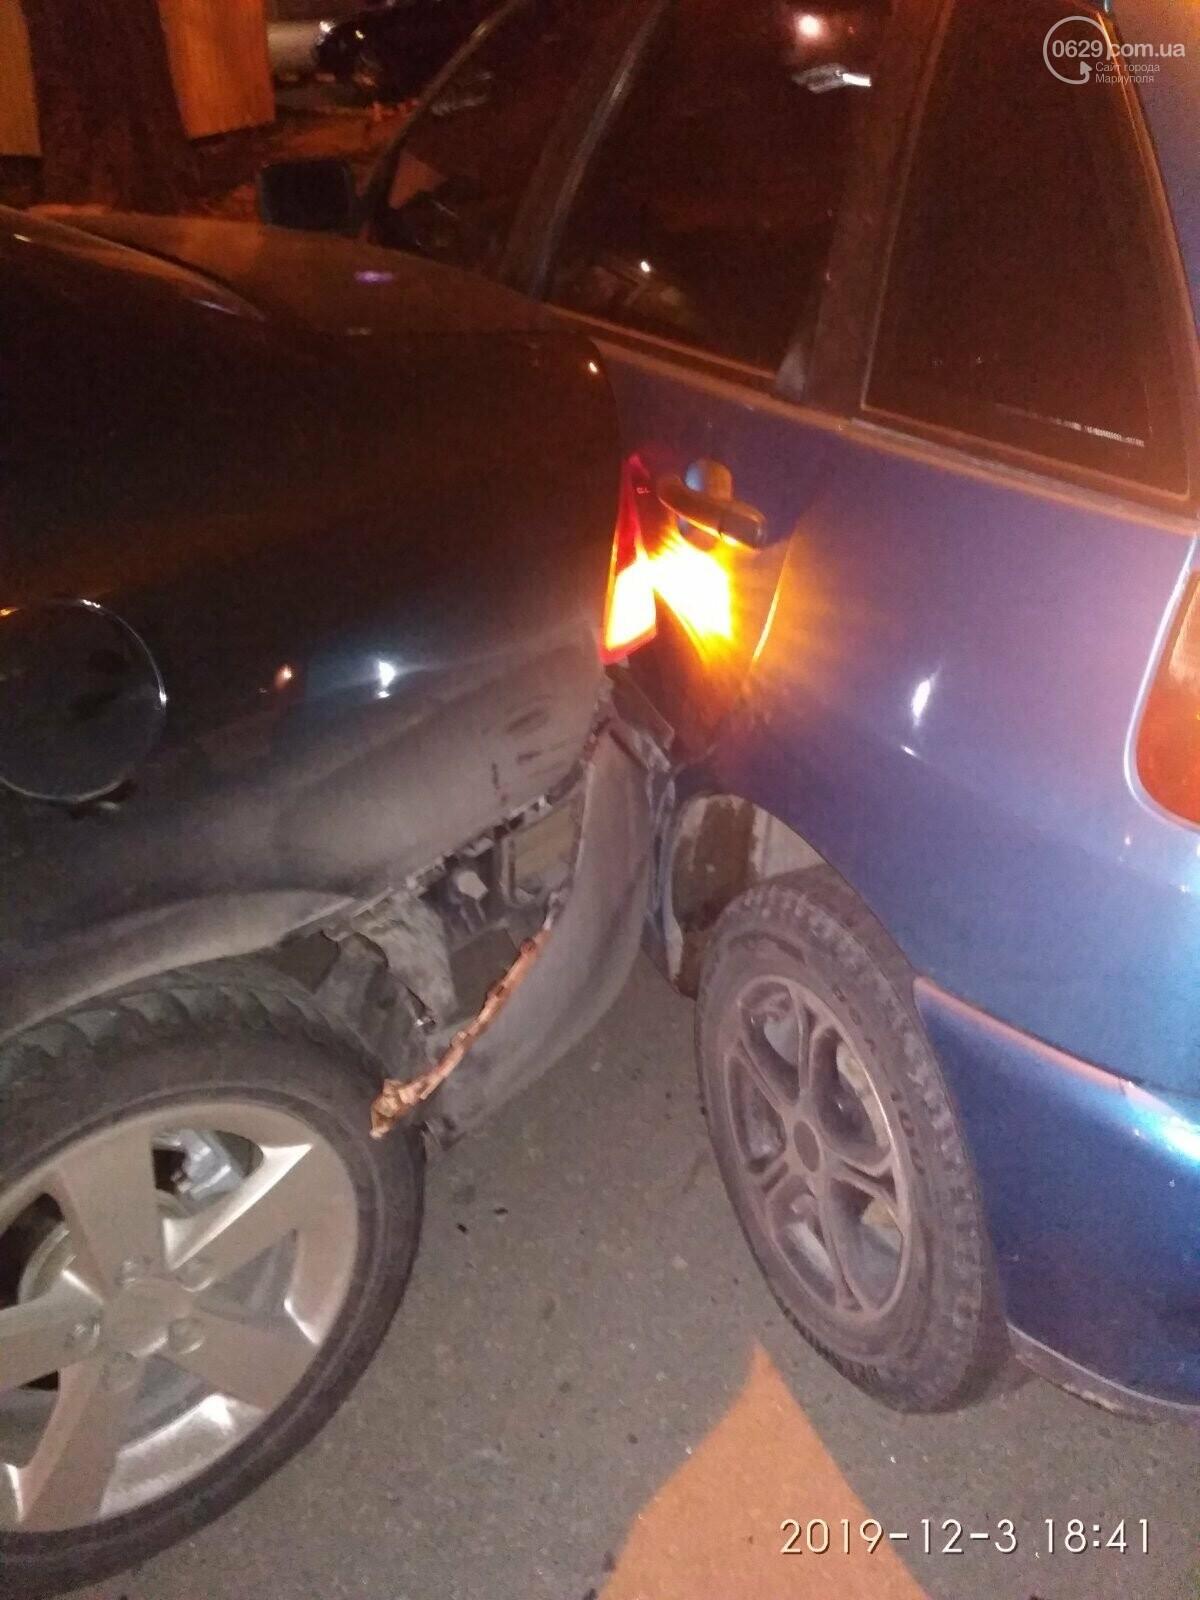 Водители, будьте внимательнее! В Мариуполе произошло два ДТП, - ФОТО, фото-6